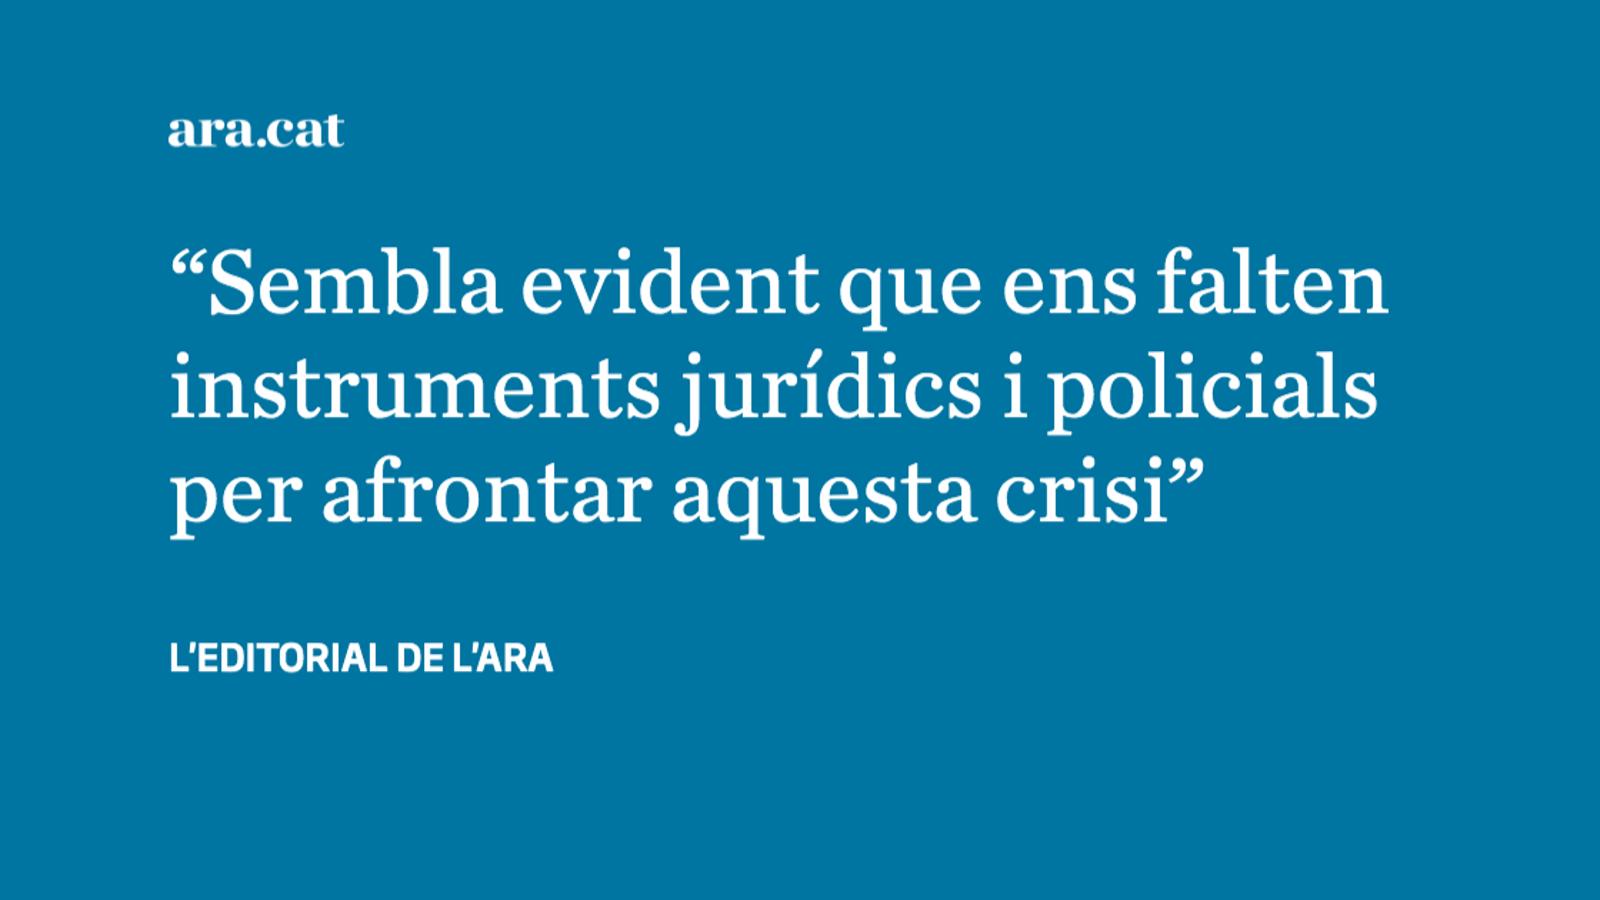 Calen més eines judicials i policials contra els robatoris amb violència